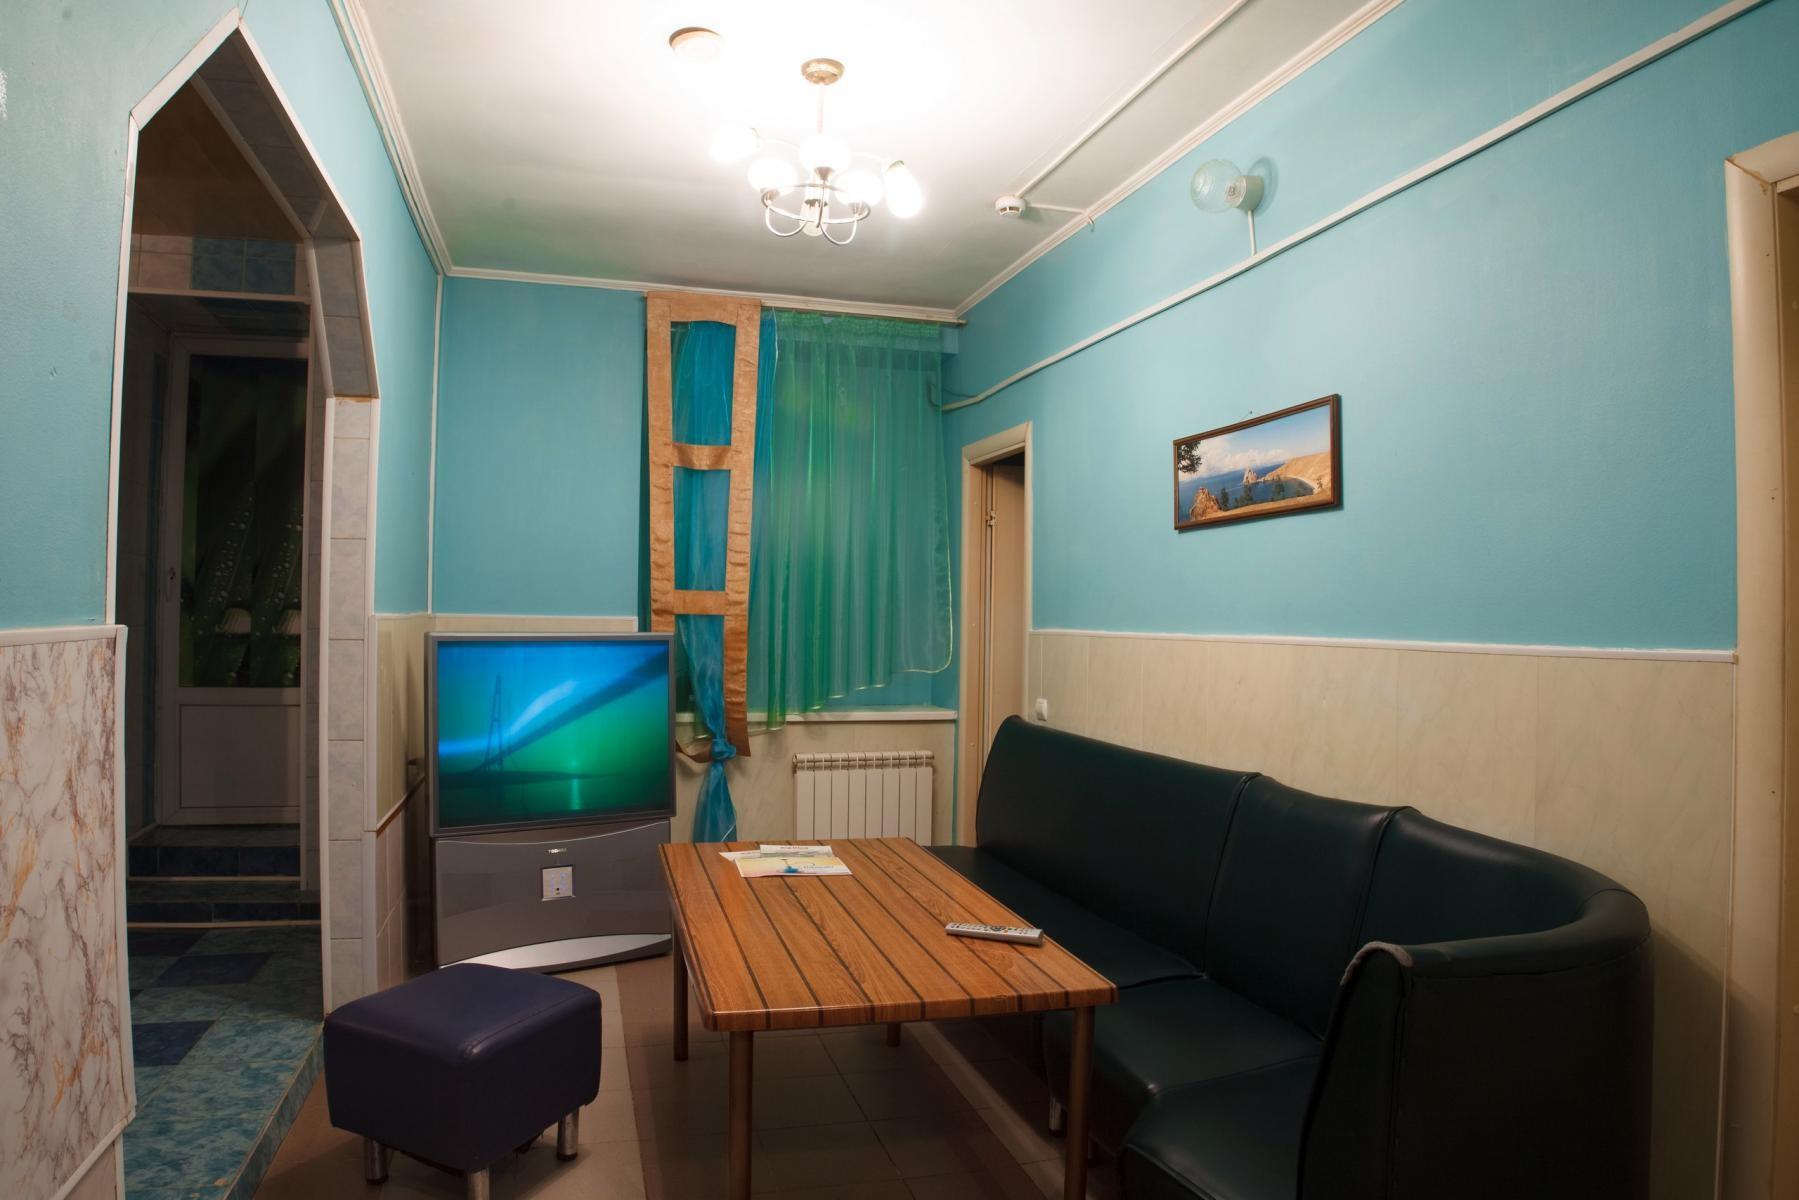 Южный, гостиничный комплекс - №1